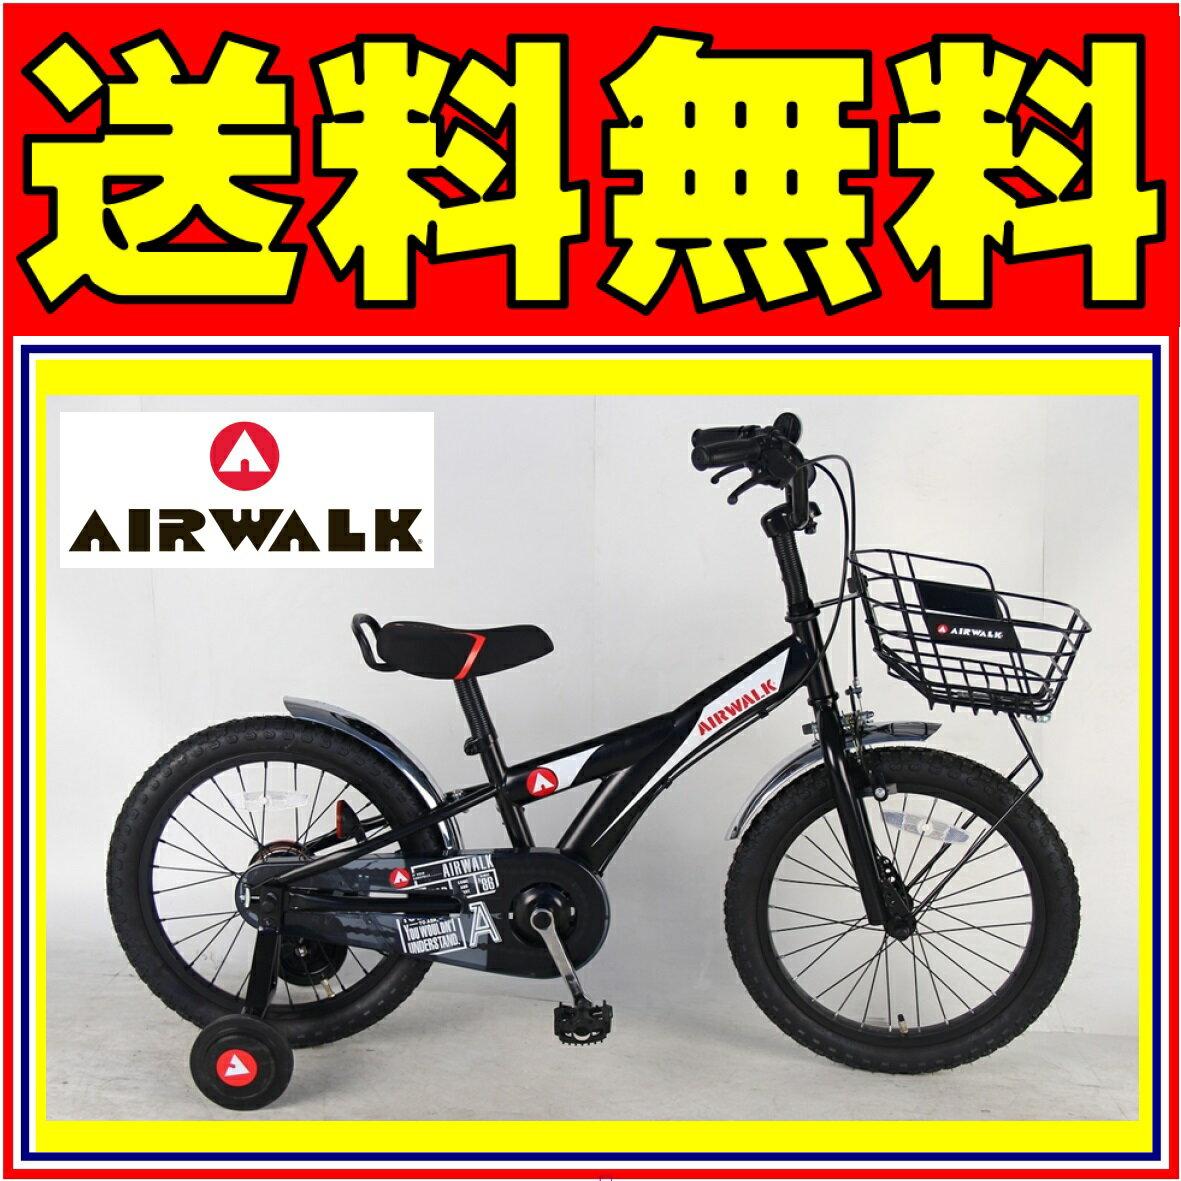 <関東限定特別価格>補助輪付 自転車 エアーウォーク AIRWALK 送料無料 18インチ BMX 子供用、男子小学生に最適 黒 ブラック 子供車 自転車 AIRWALK クリスマス